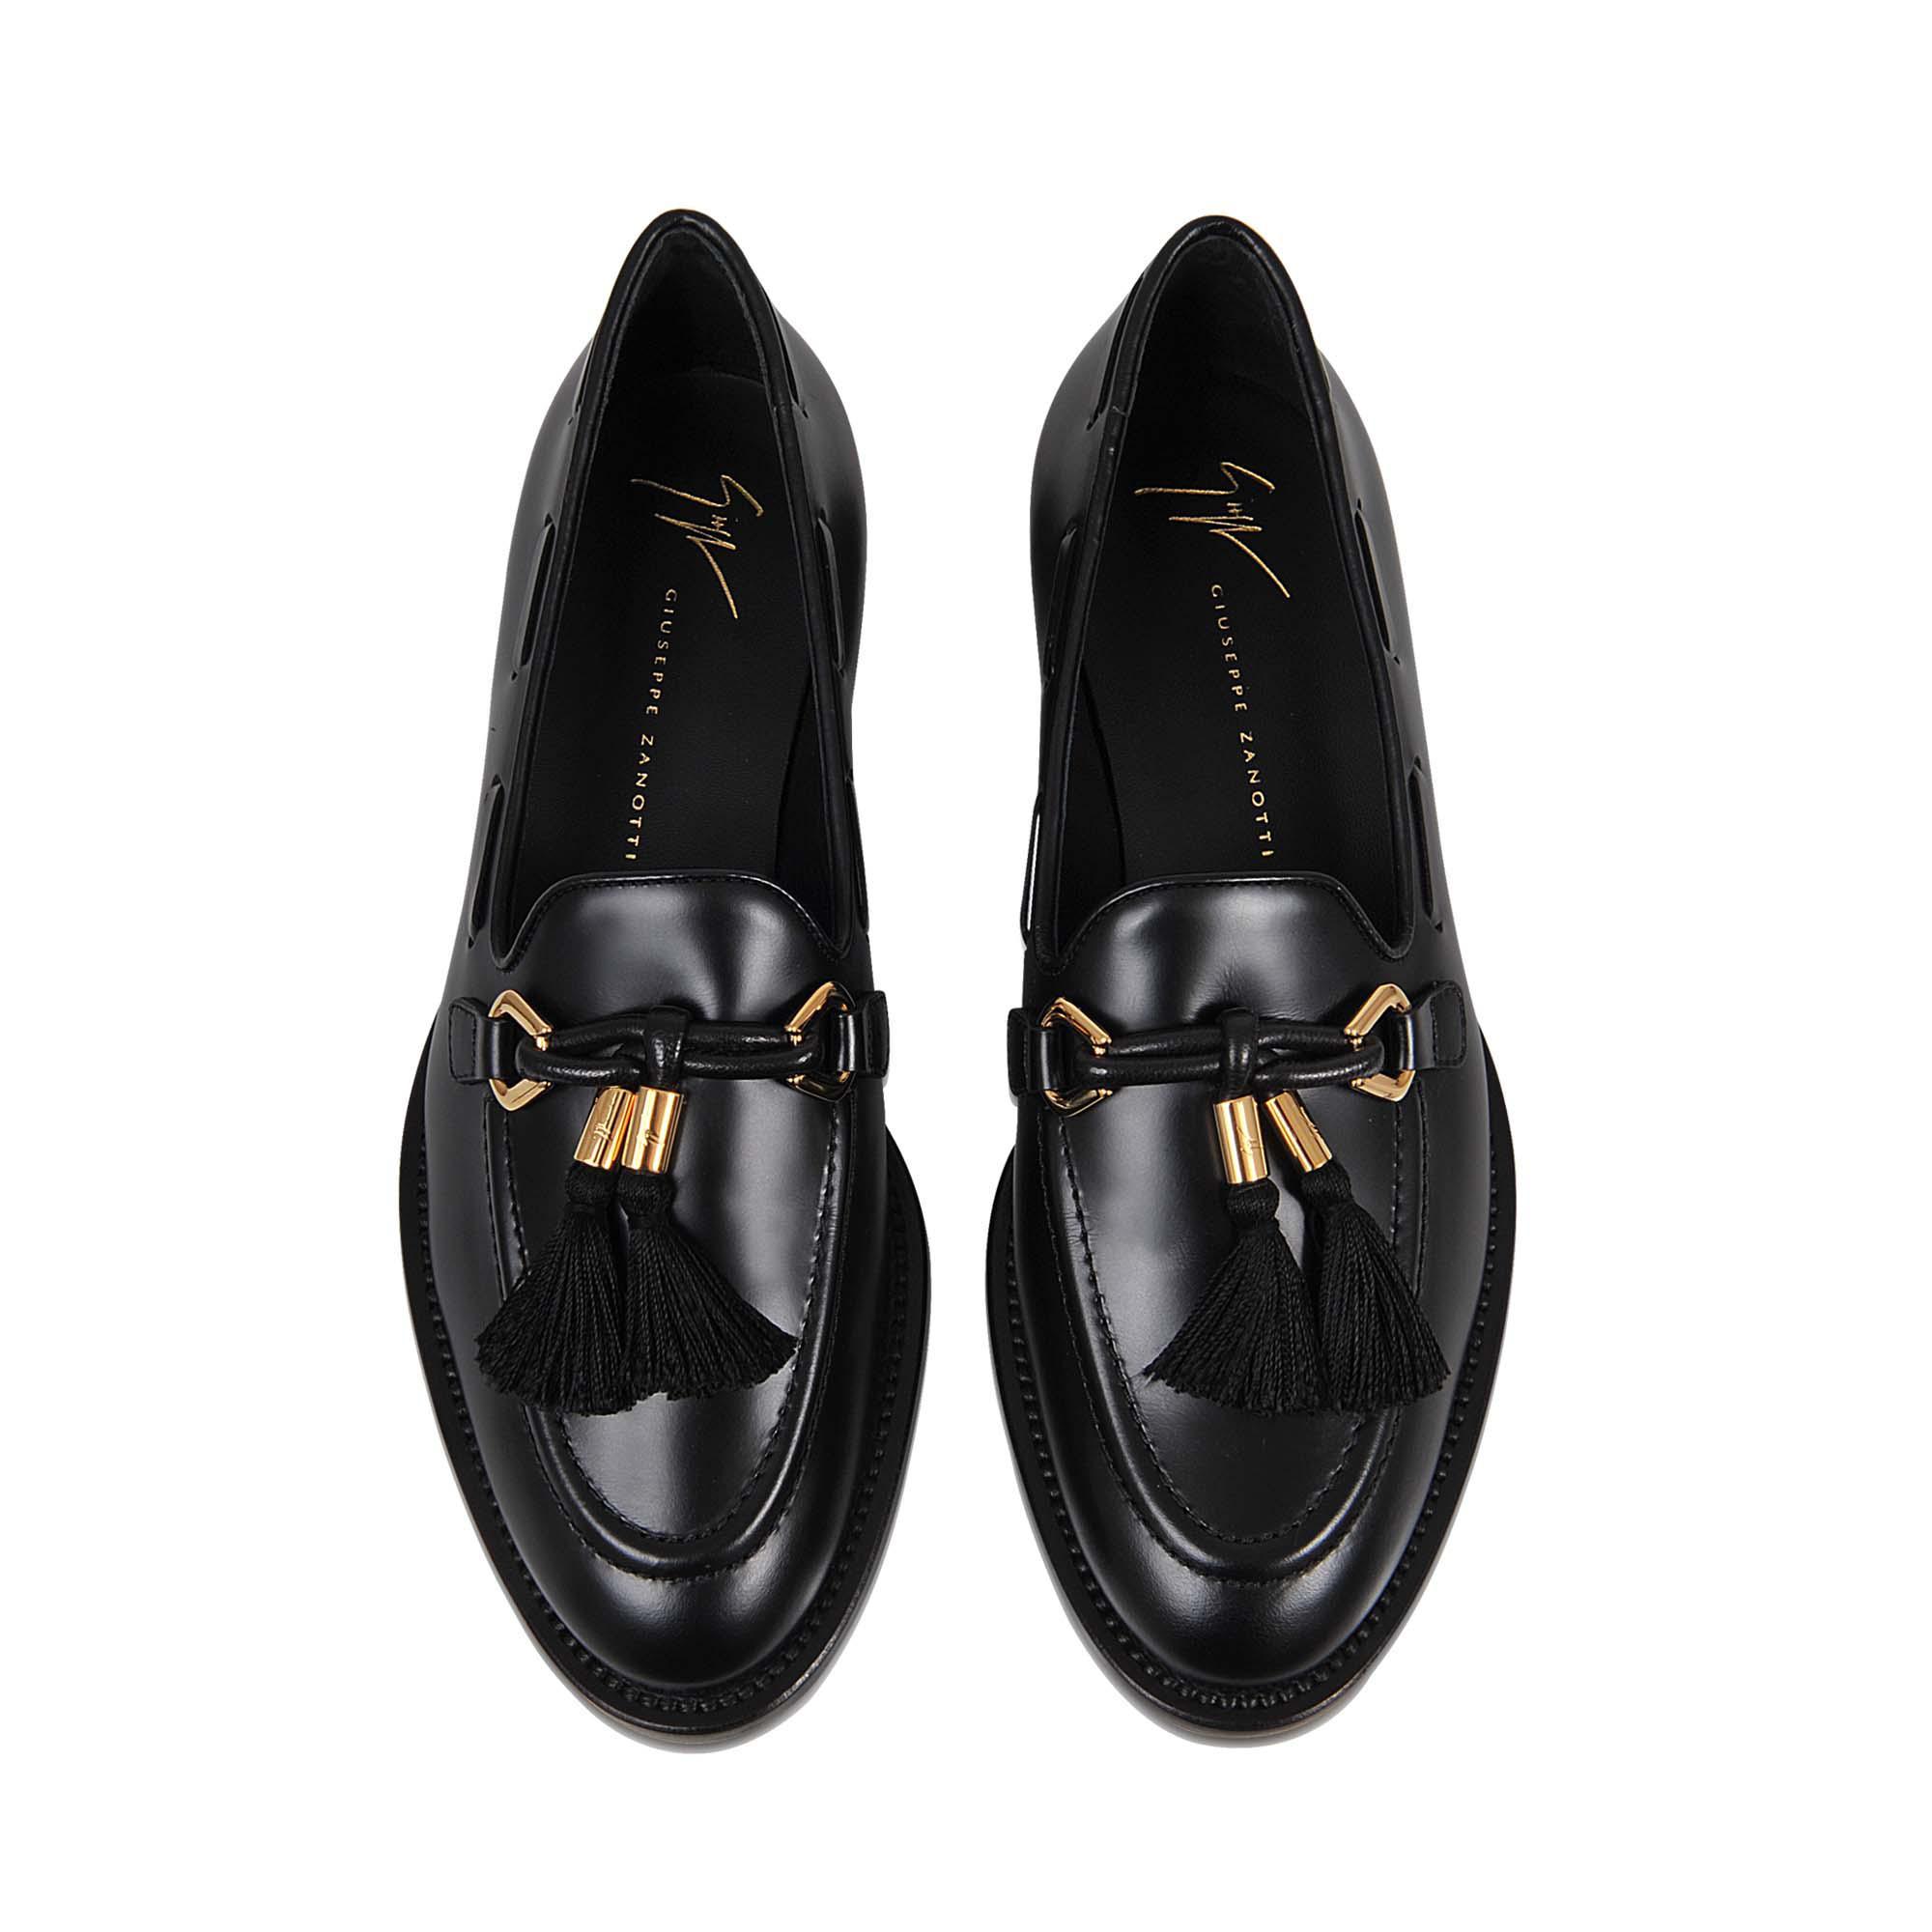 nouveaux styles 3b640 50157 Mocassins avec pompons Giuseppe Zanotti en coloris Black